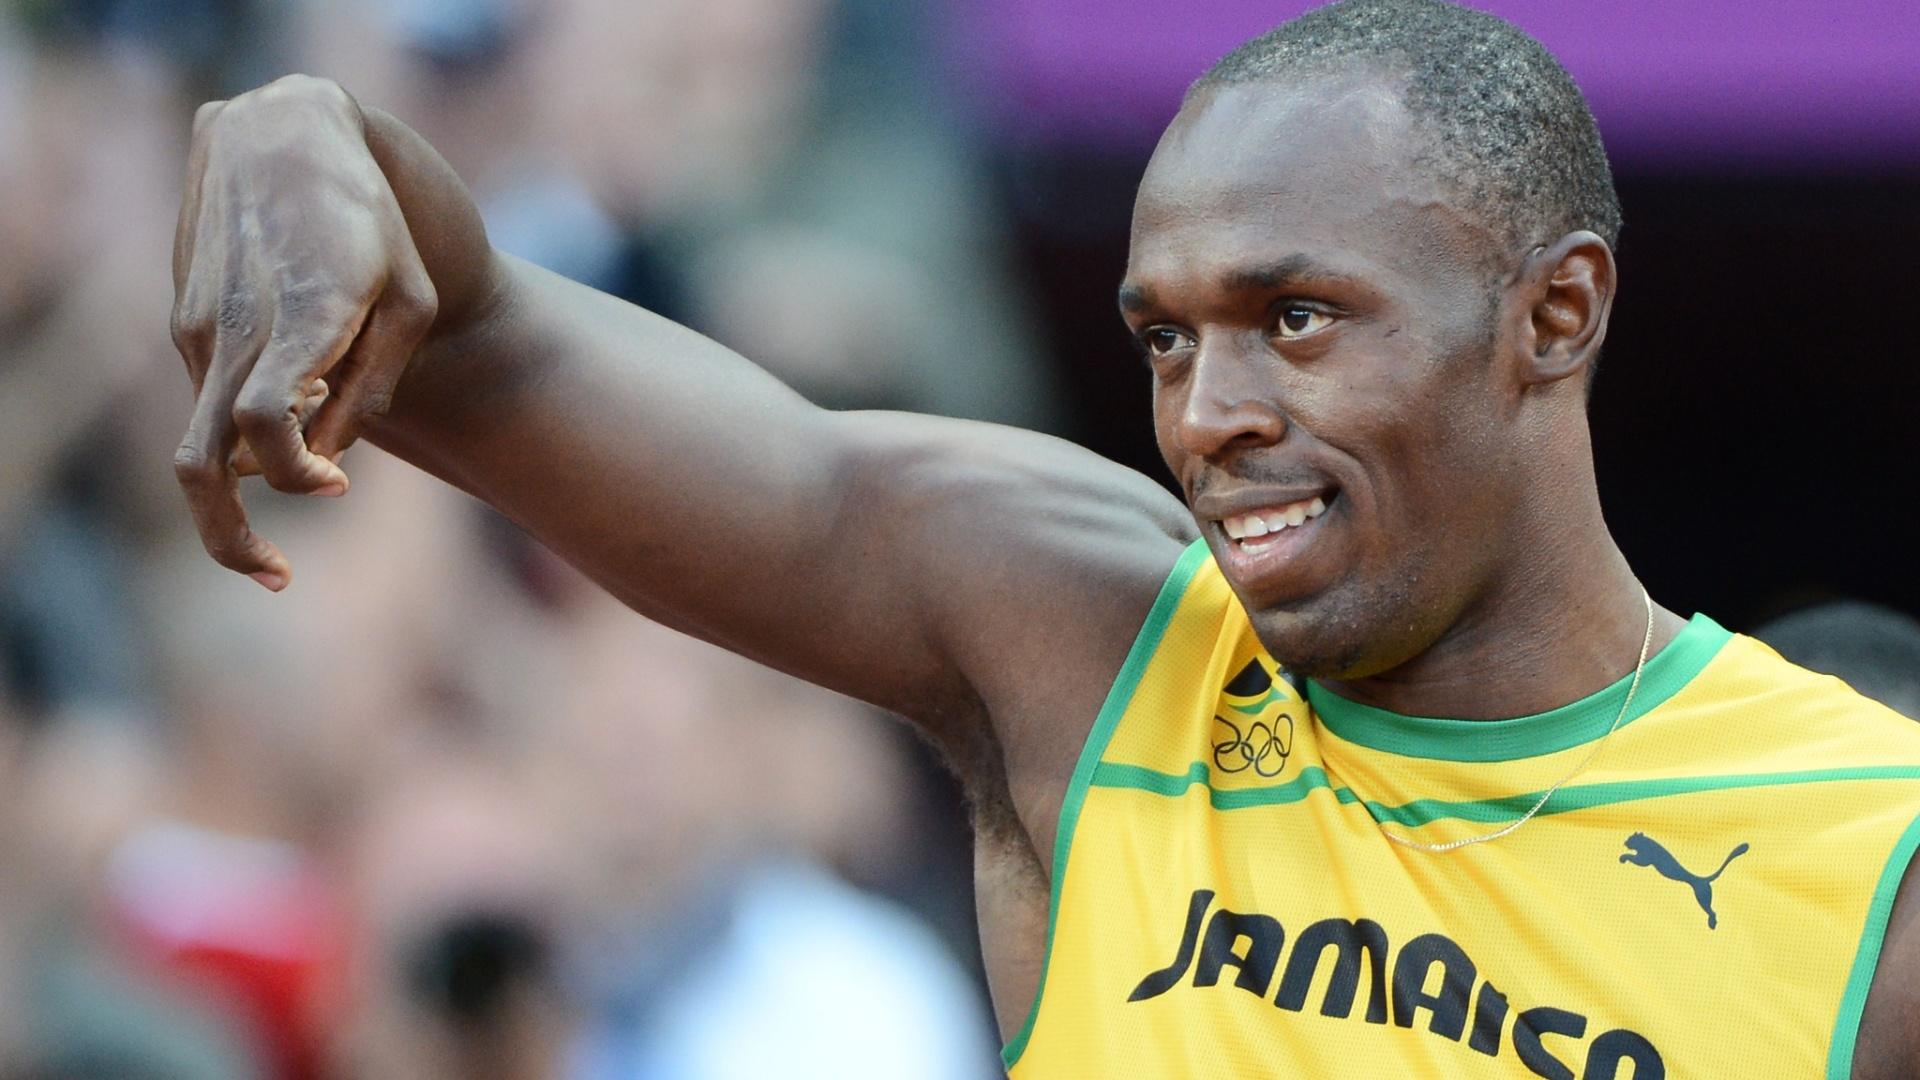 Jamaicano Usain Bolt gesticula antes de competir na série semifinal dos 100 m rasos